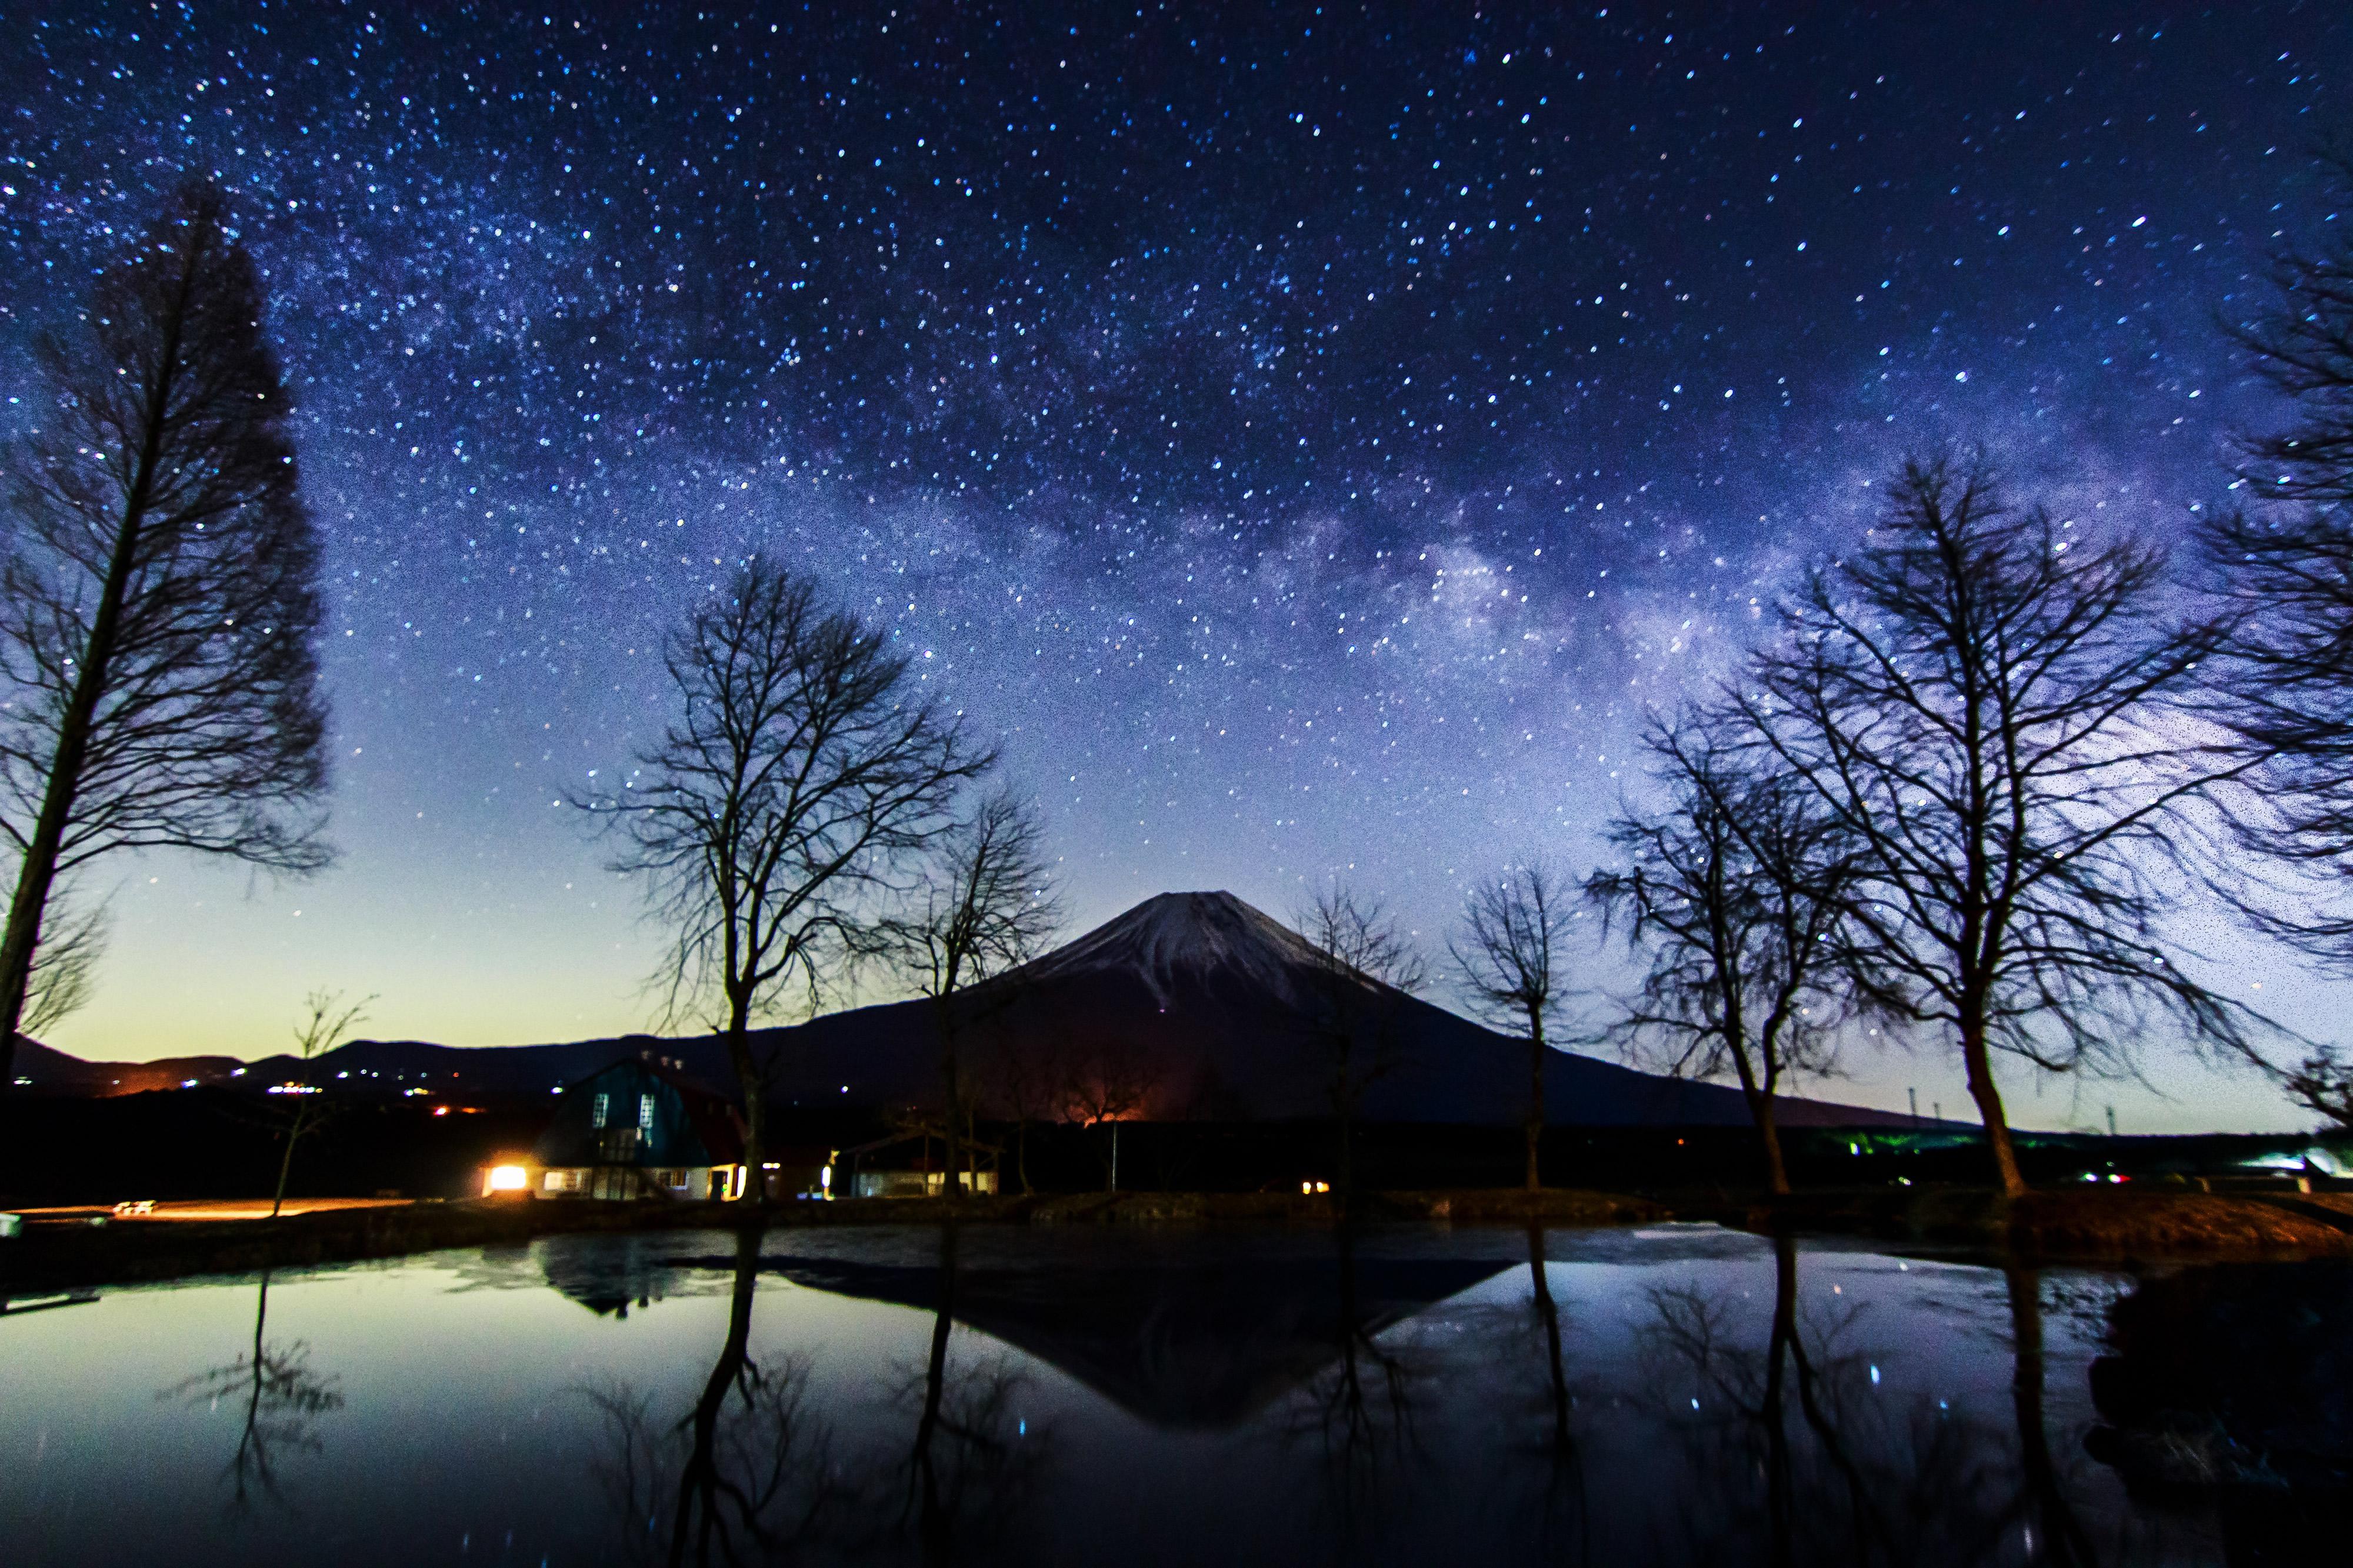 まだまだある!富士山トリビア6選【あなたの知らない富士山トリビア】